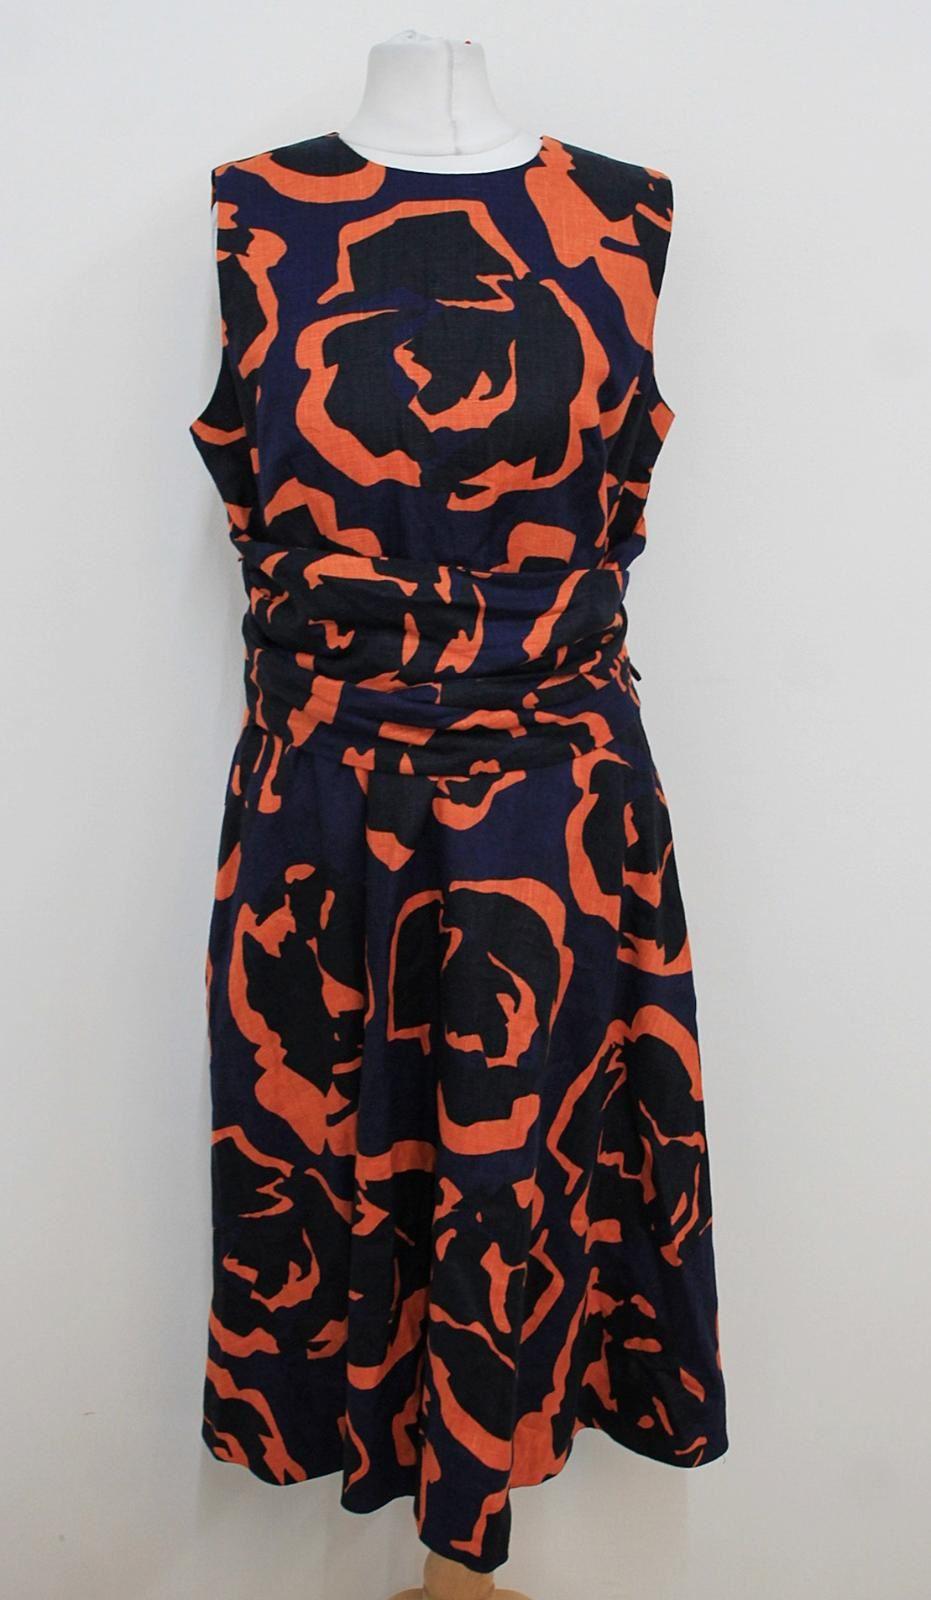 Amical Hobbs Femme Navy Mandarine Imprimer Sans Manches Twitchill Lin Robe Uk12 Bnwt Promouvoir La Production De Fluide Corporel Et De Salive